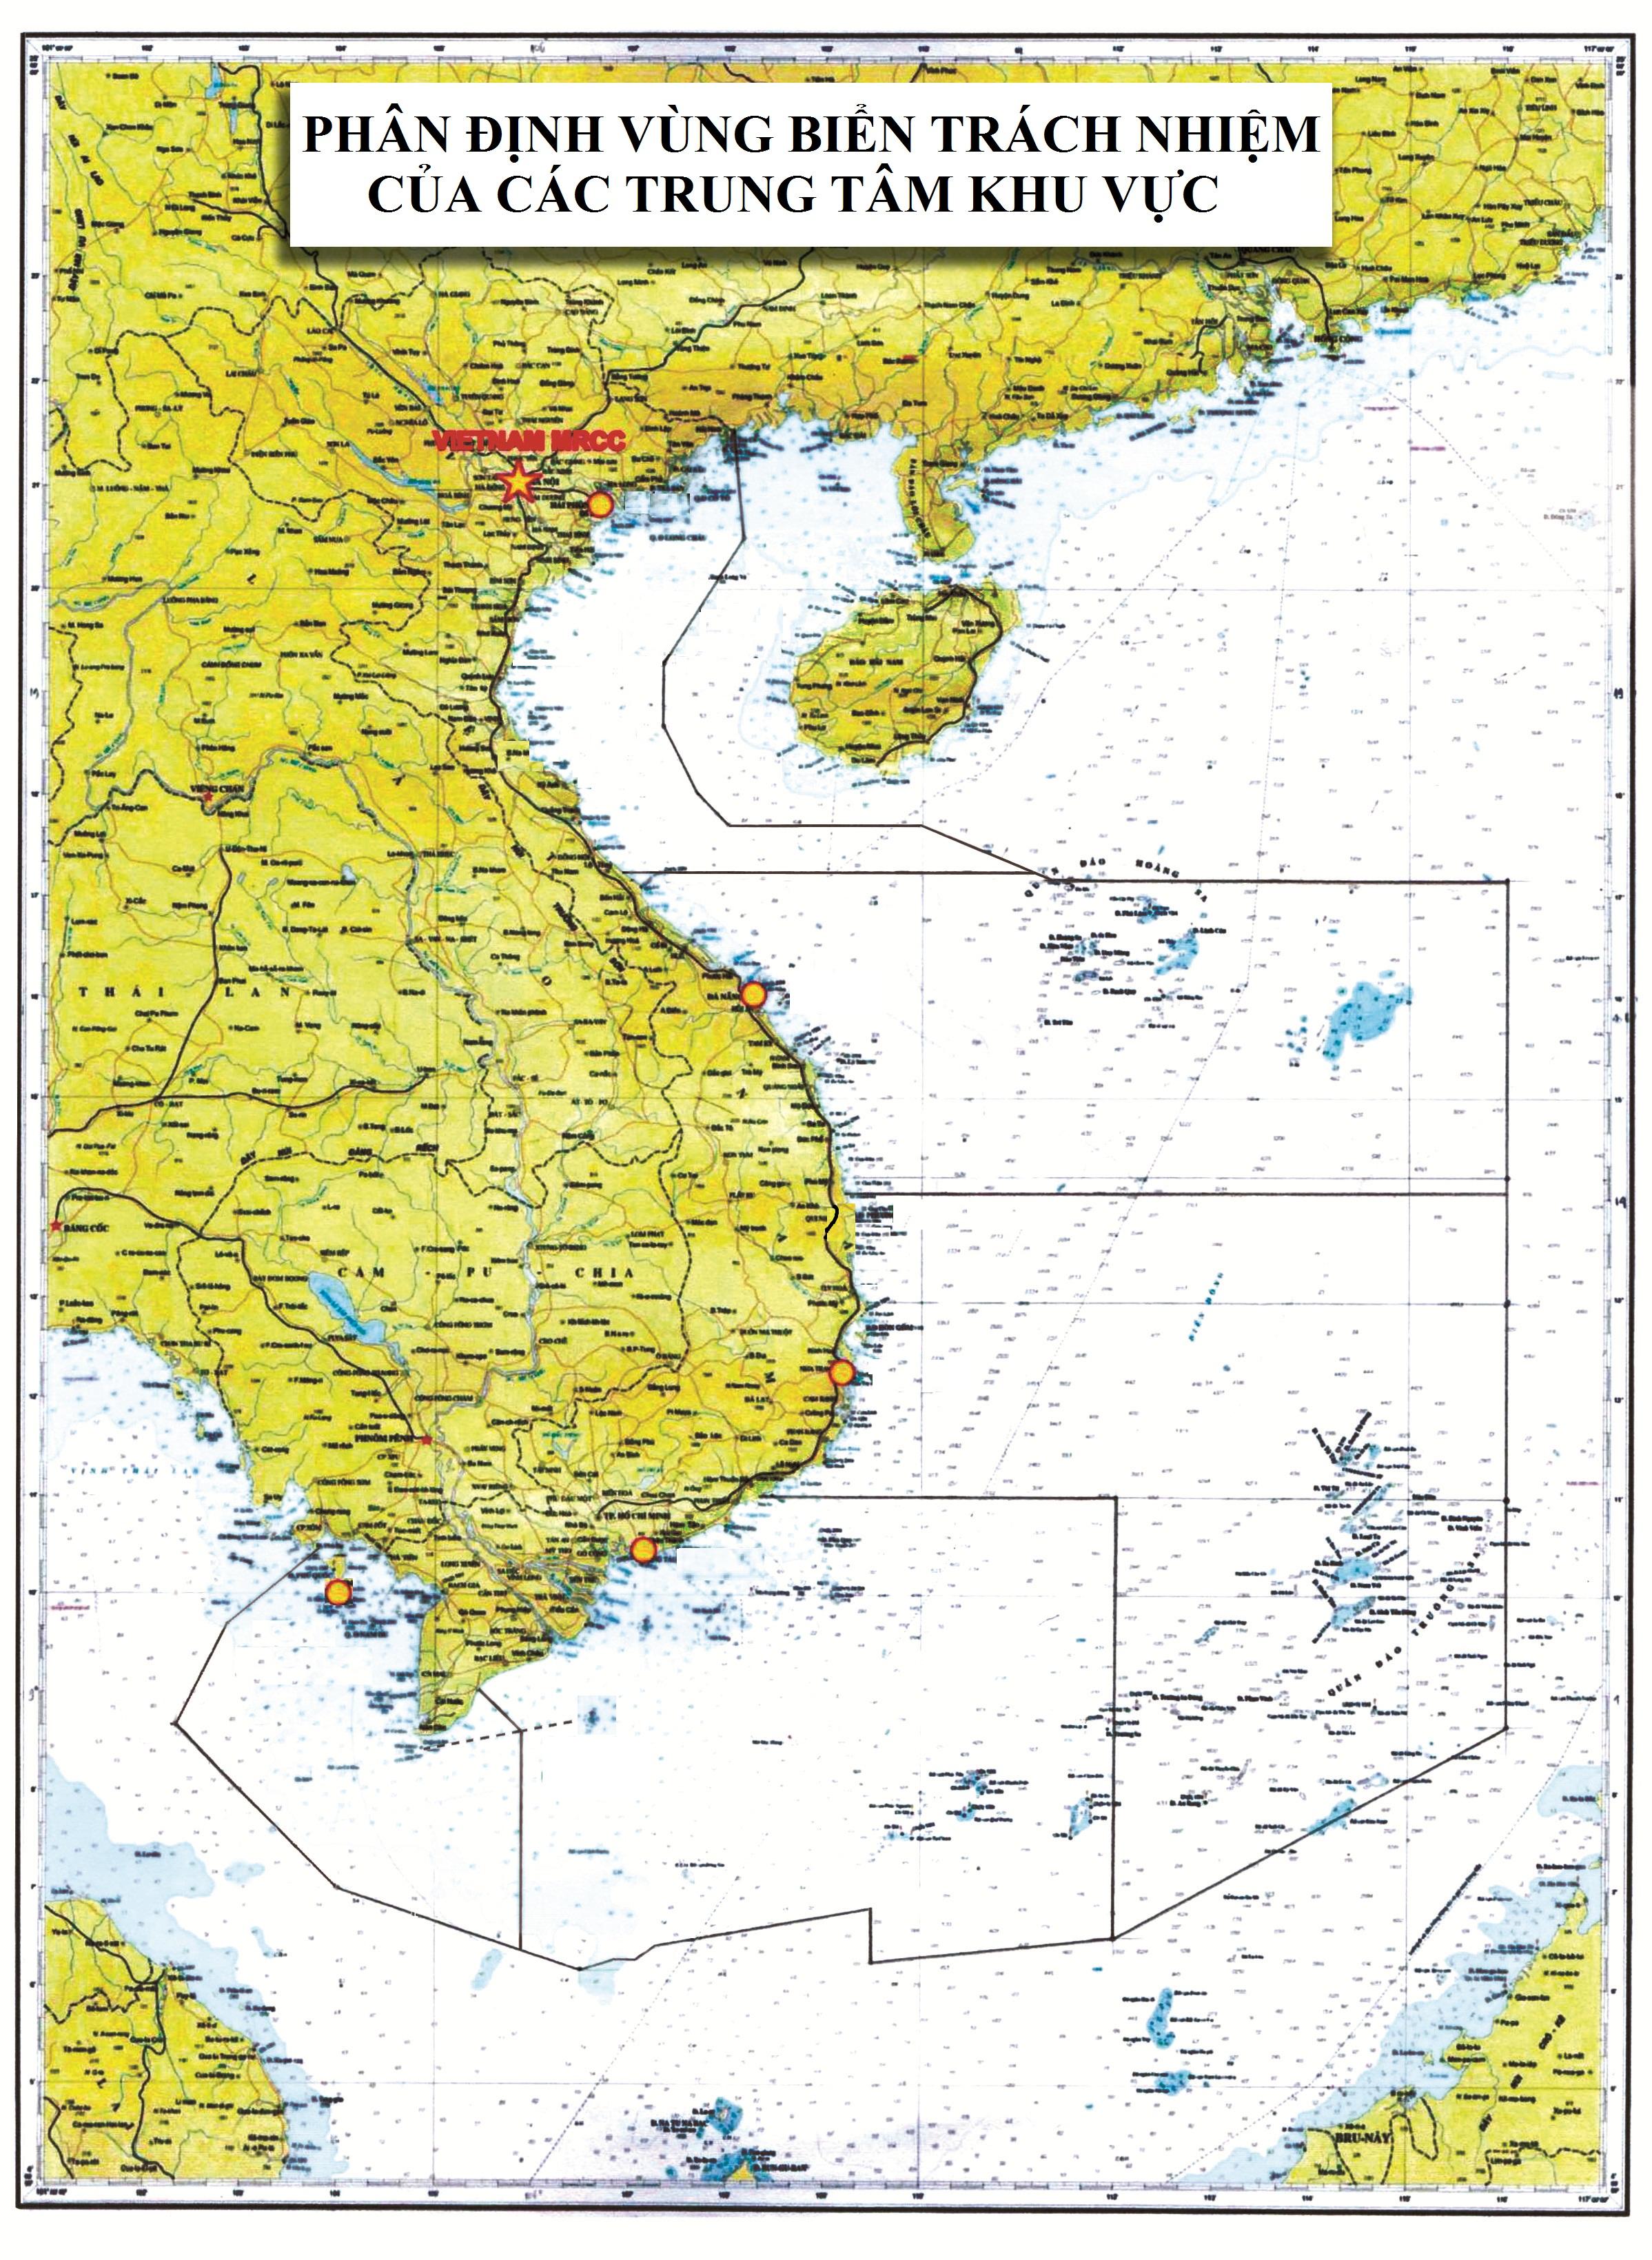 Bản đồ phân định vùng biển trách nhiệm